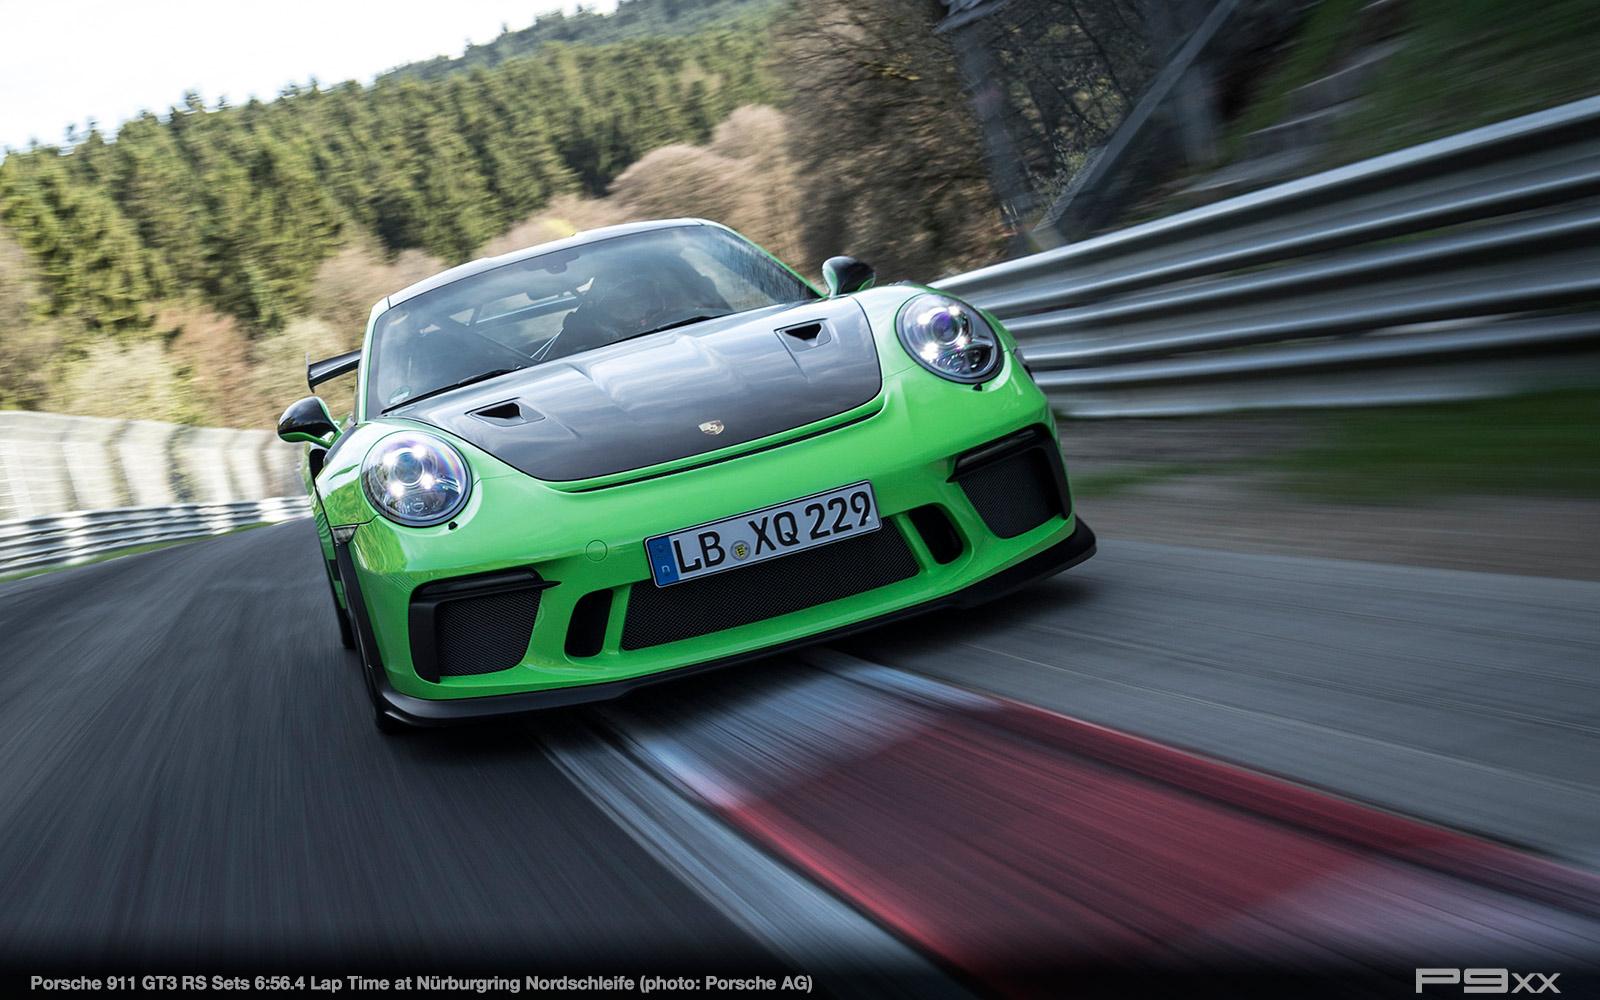 Porsche-911-9912-GT3-RS-Sets-Nurburgring-Lap-Time-283